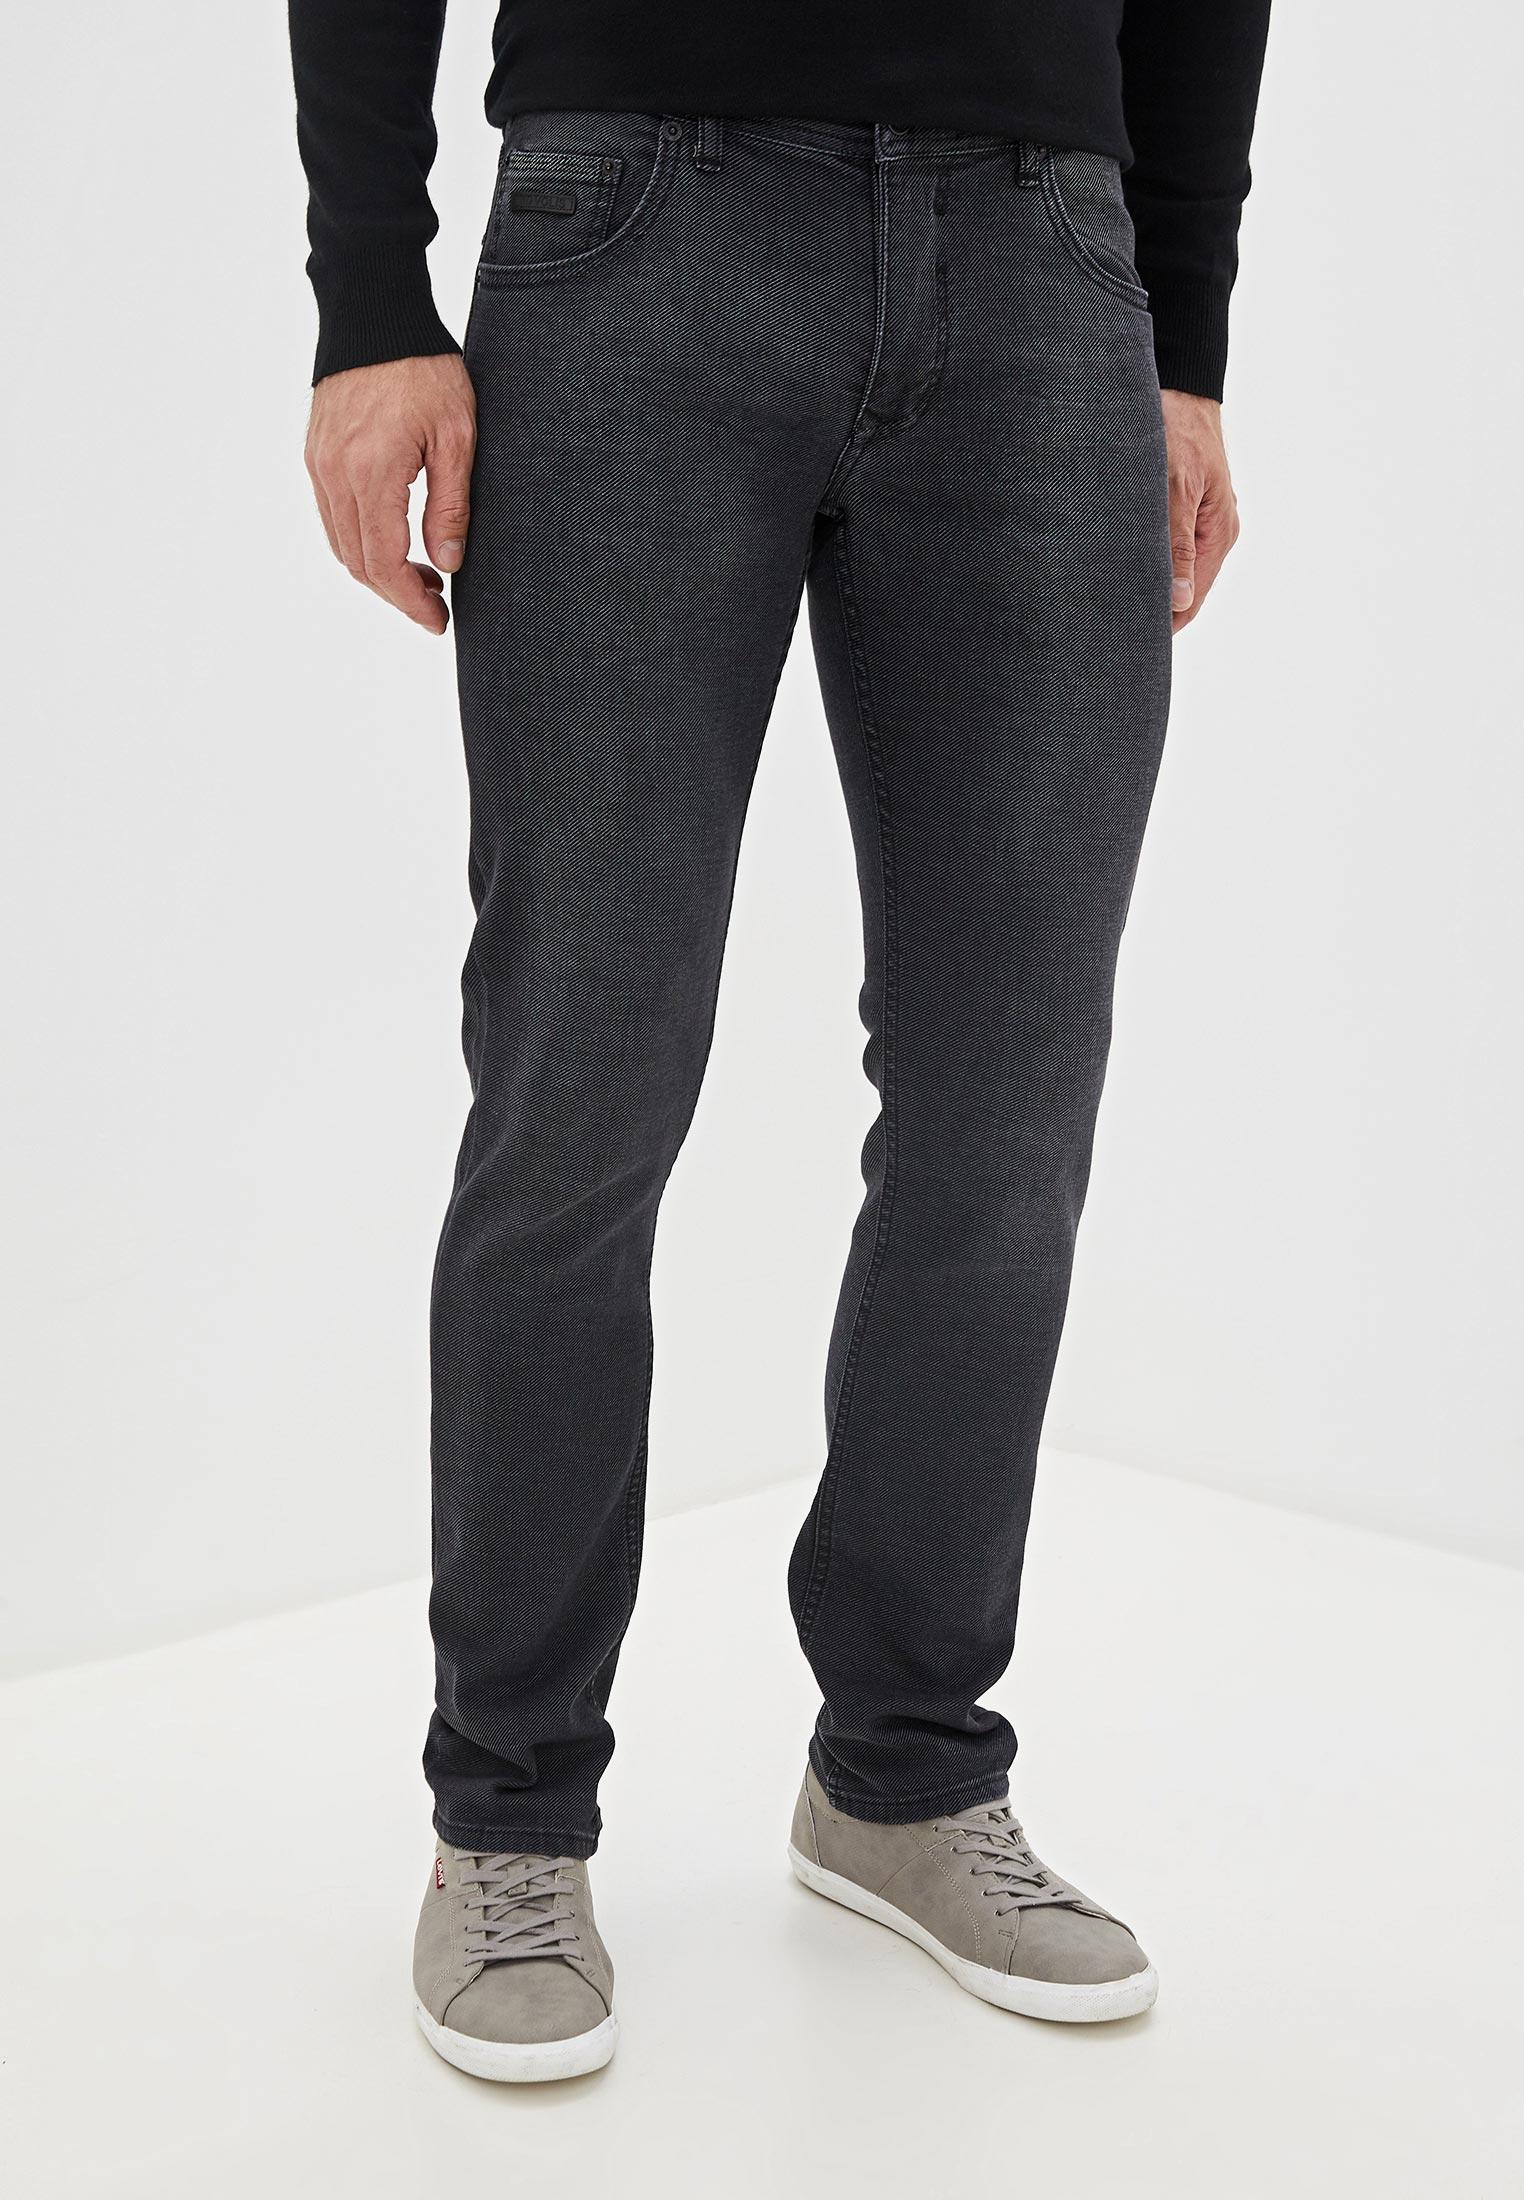 Мужские джинсы Dali 2223